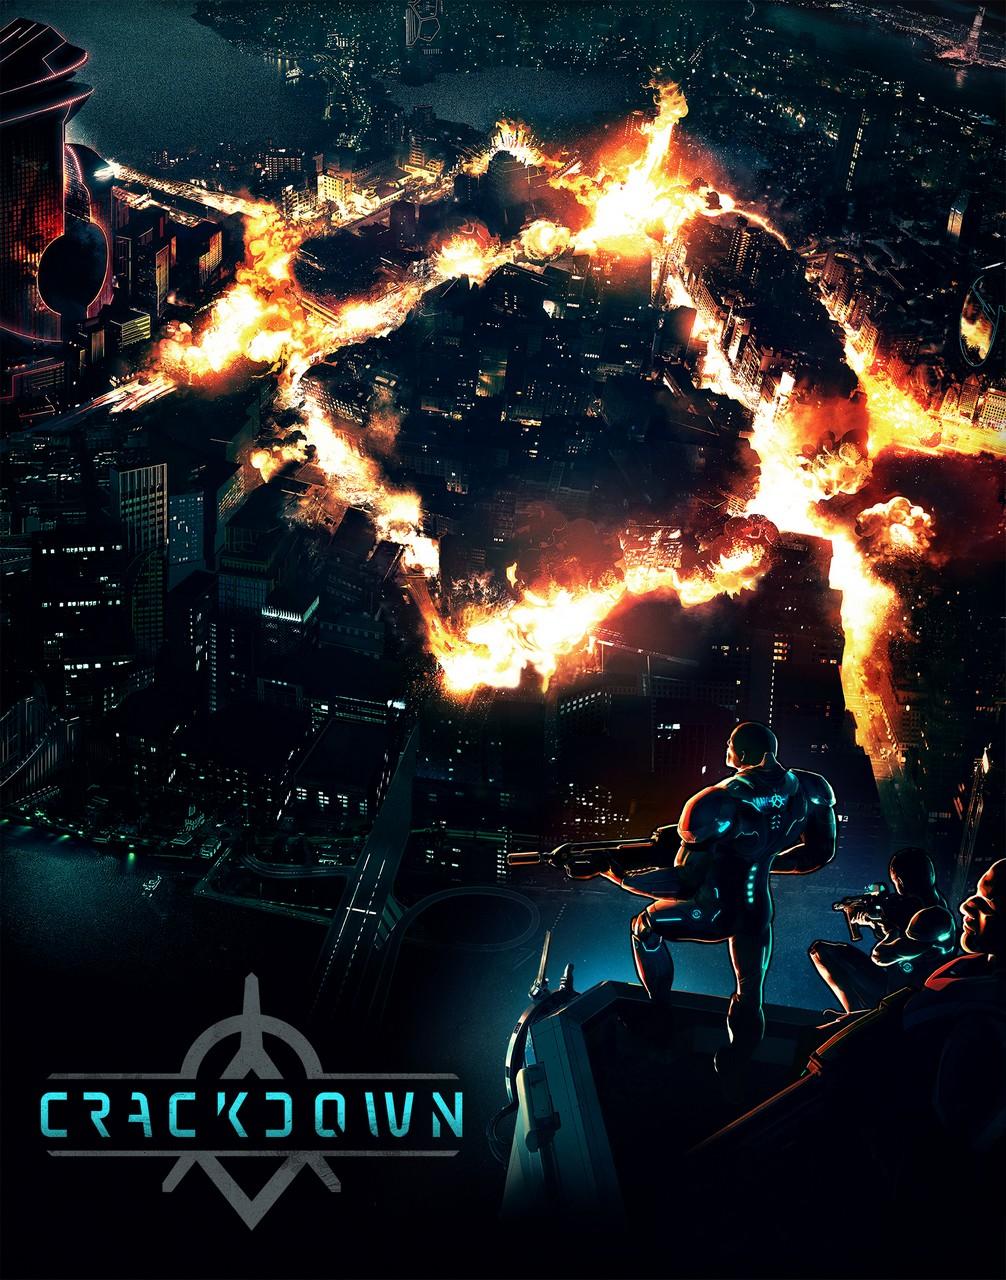 Crackdown 09-06-14 001